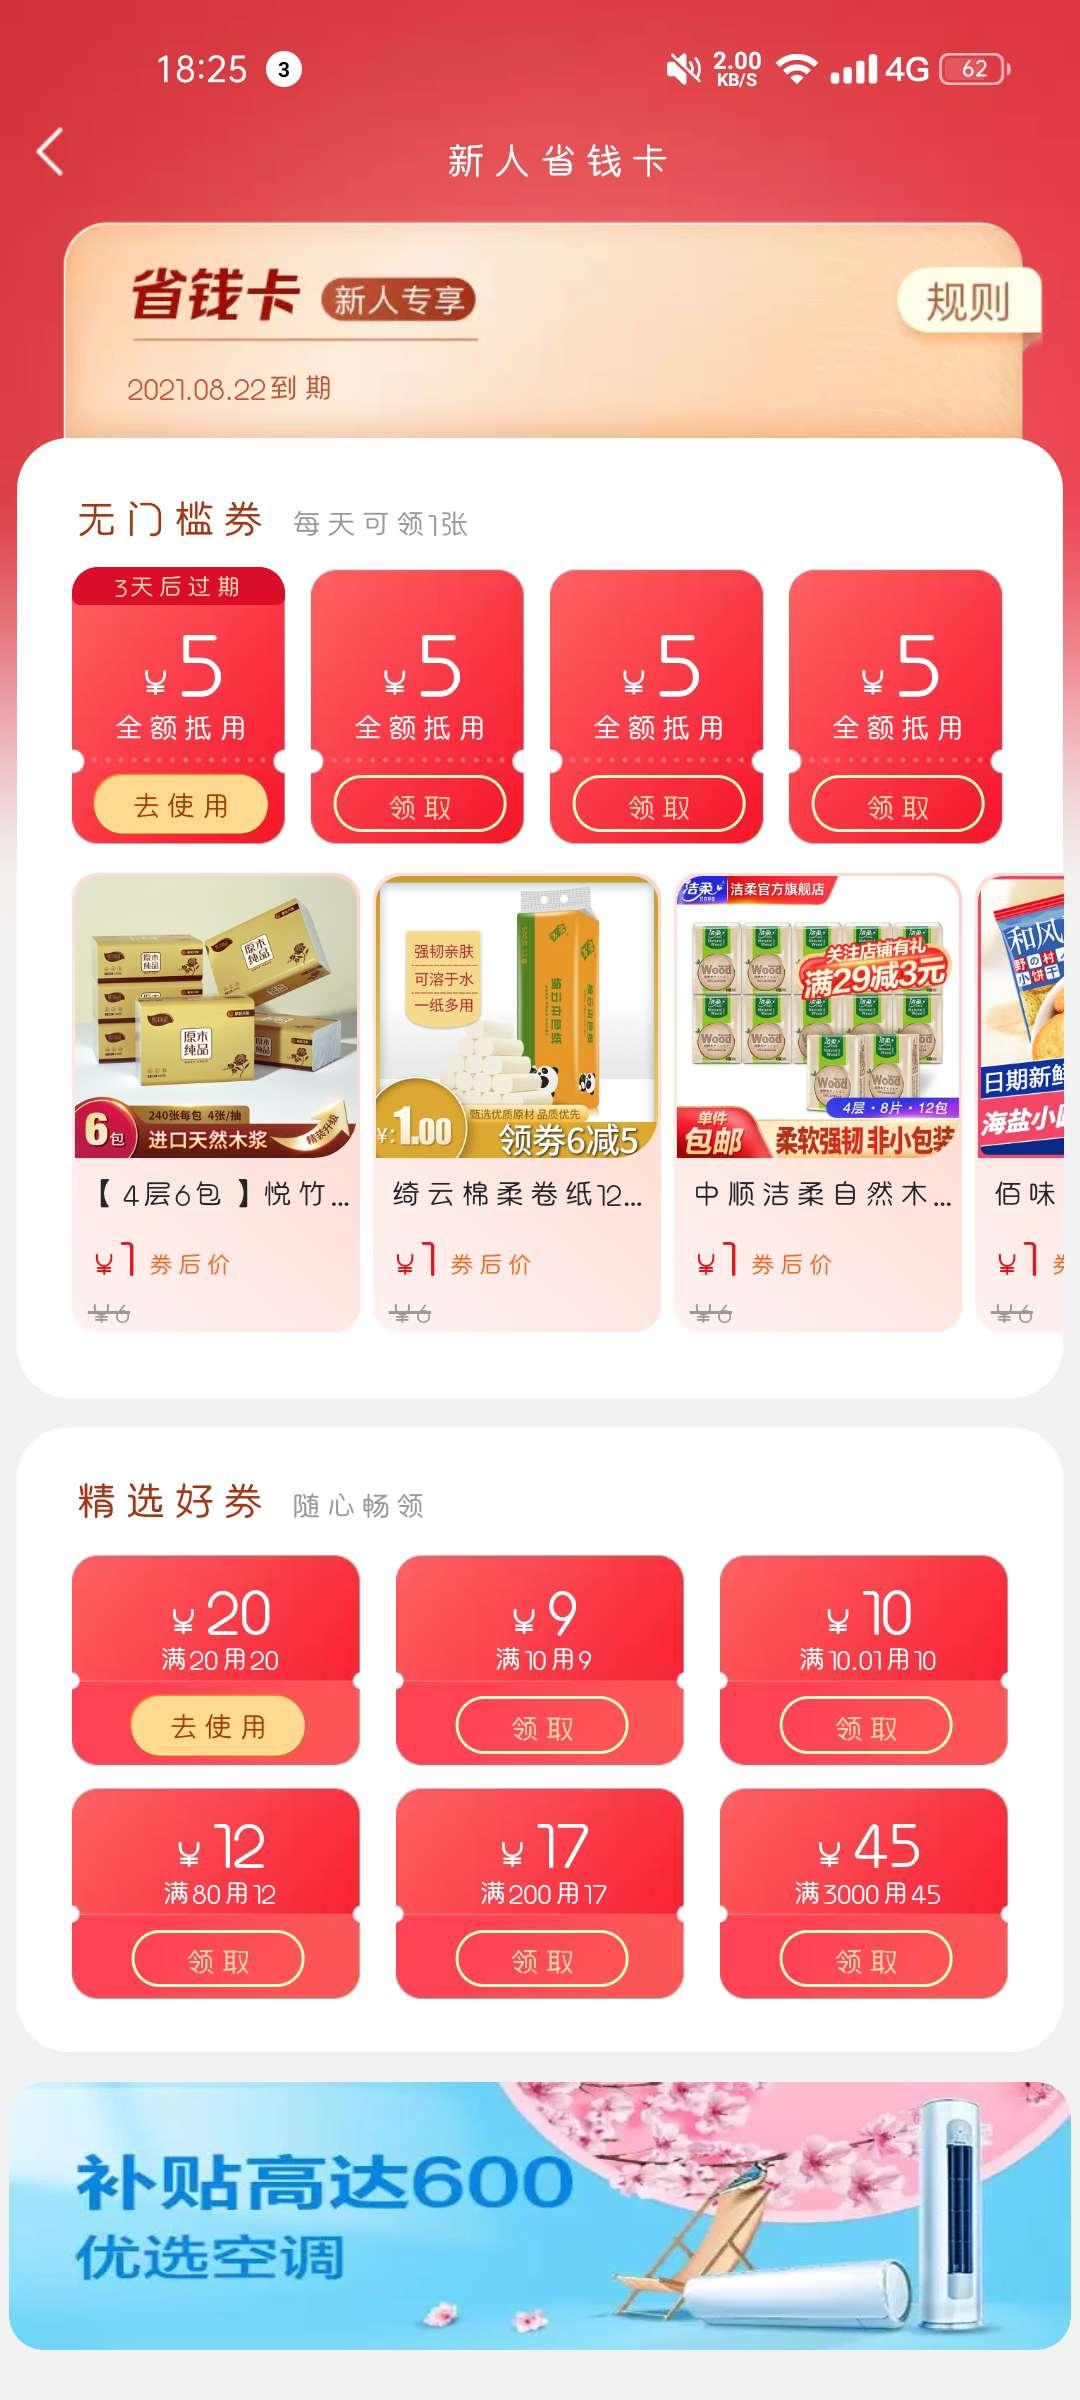 【实物】苏宁易购0.01省钱卡得无门槛券